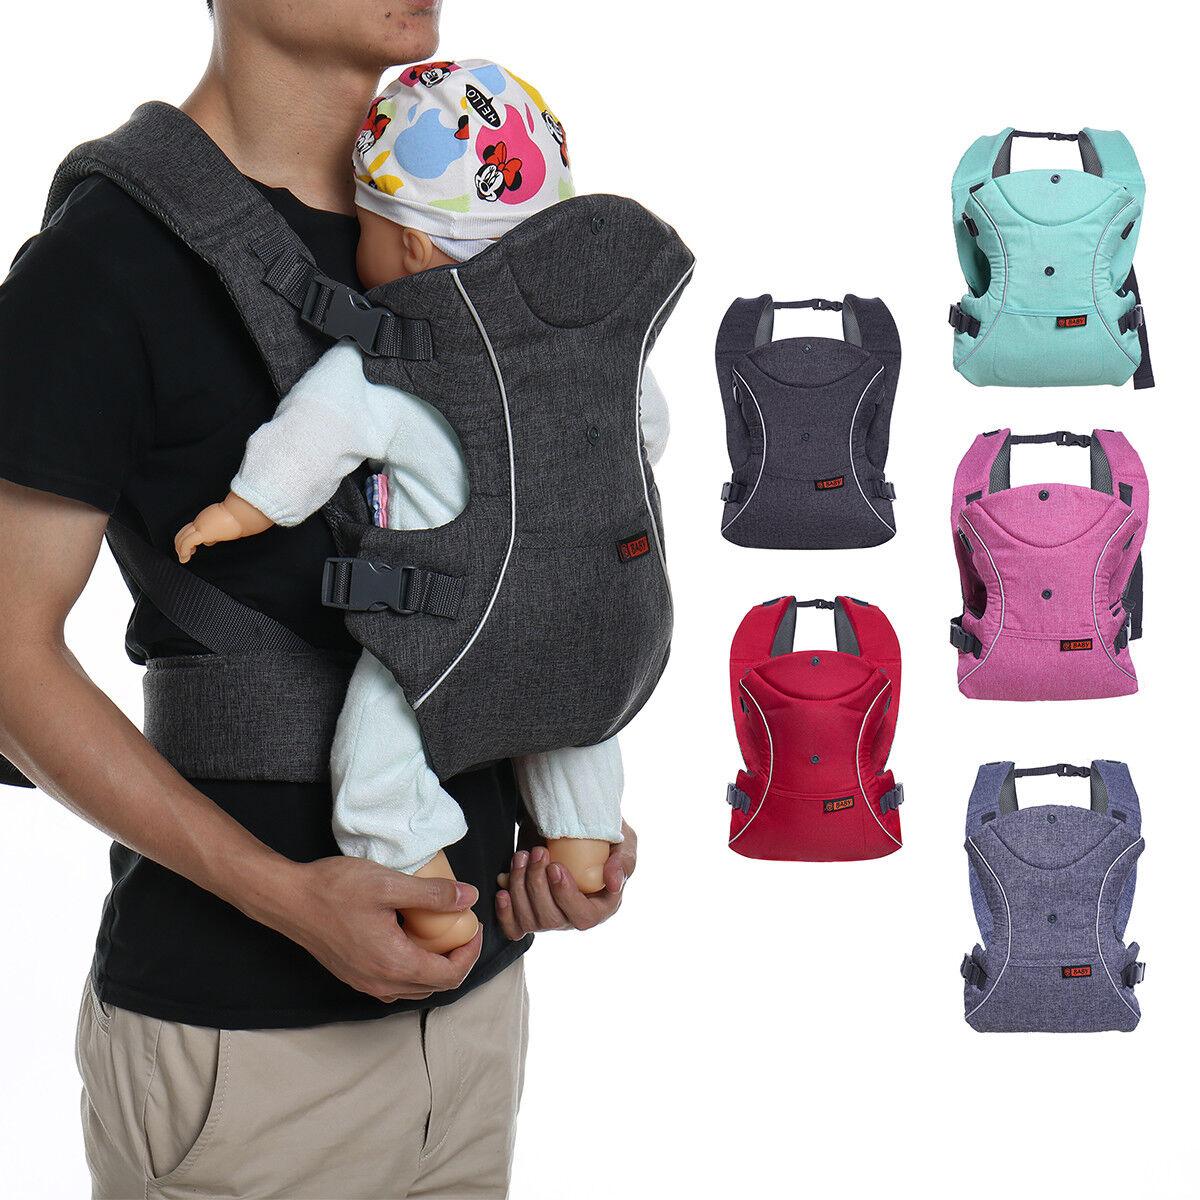 3 In 1 Ergonomic Infant Baby Carrier Sling Breathable Adjust